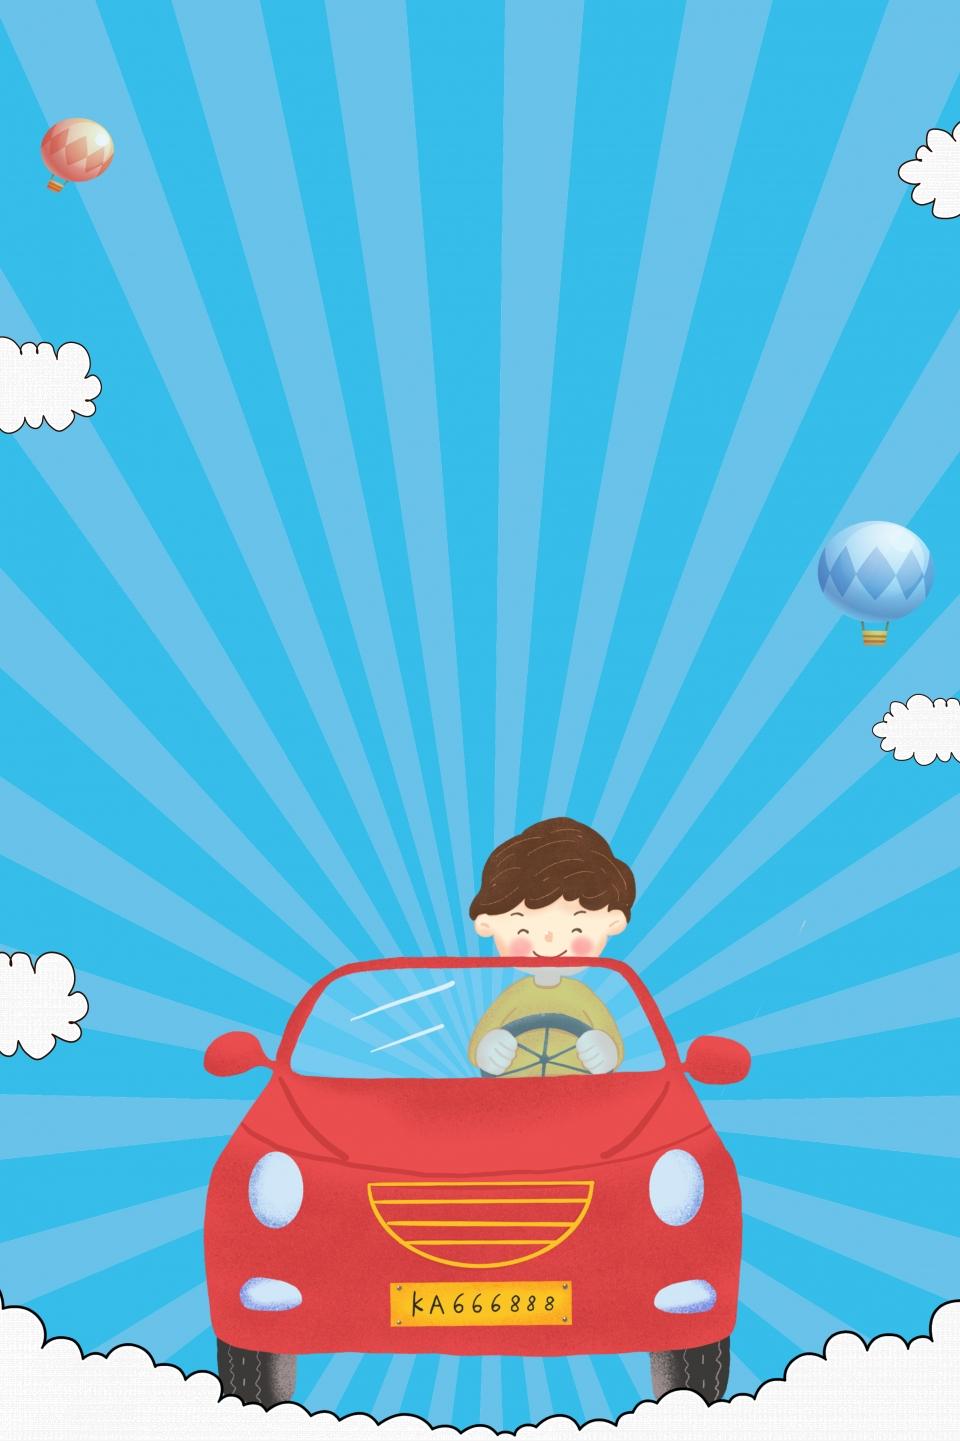 اختبار حملة ترويج سيارة مدرسية سيارة إعلان مدرسة لتعليم القيادة تسجيل في مدرسة لتعليم القيادة الأساسية رسوم متحركة سيارة سهلة التعلم صورة الخلفية للتحميل مجانا